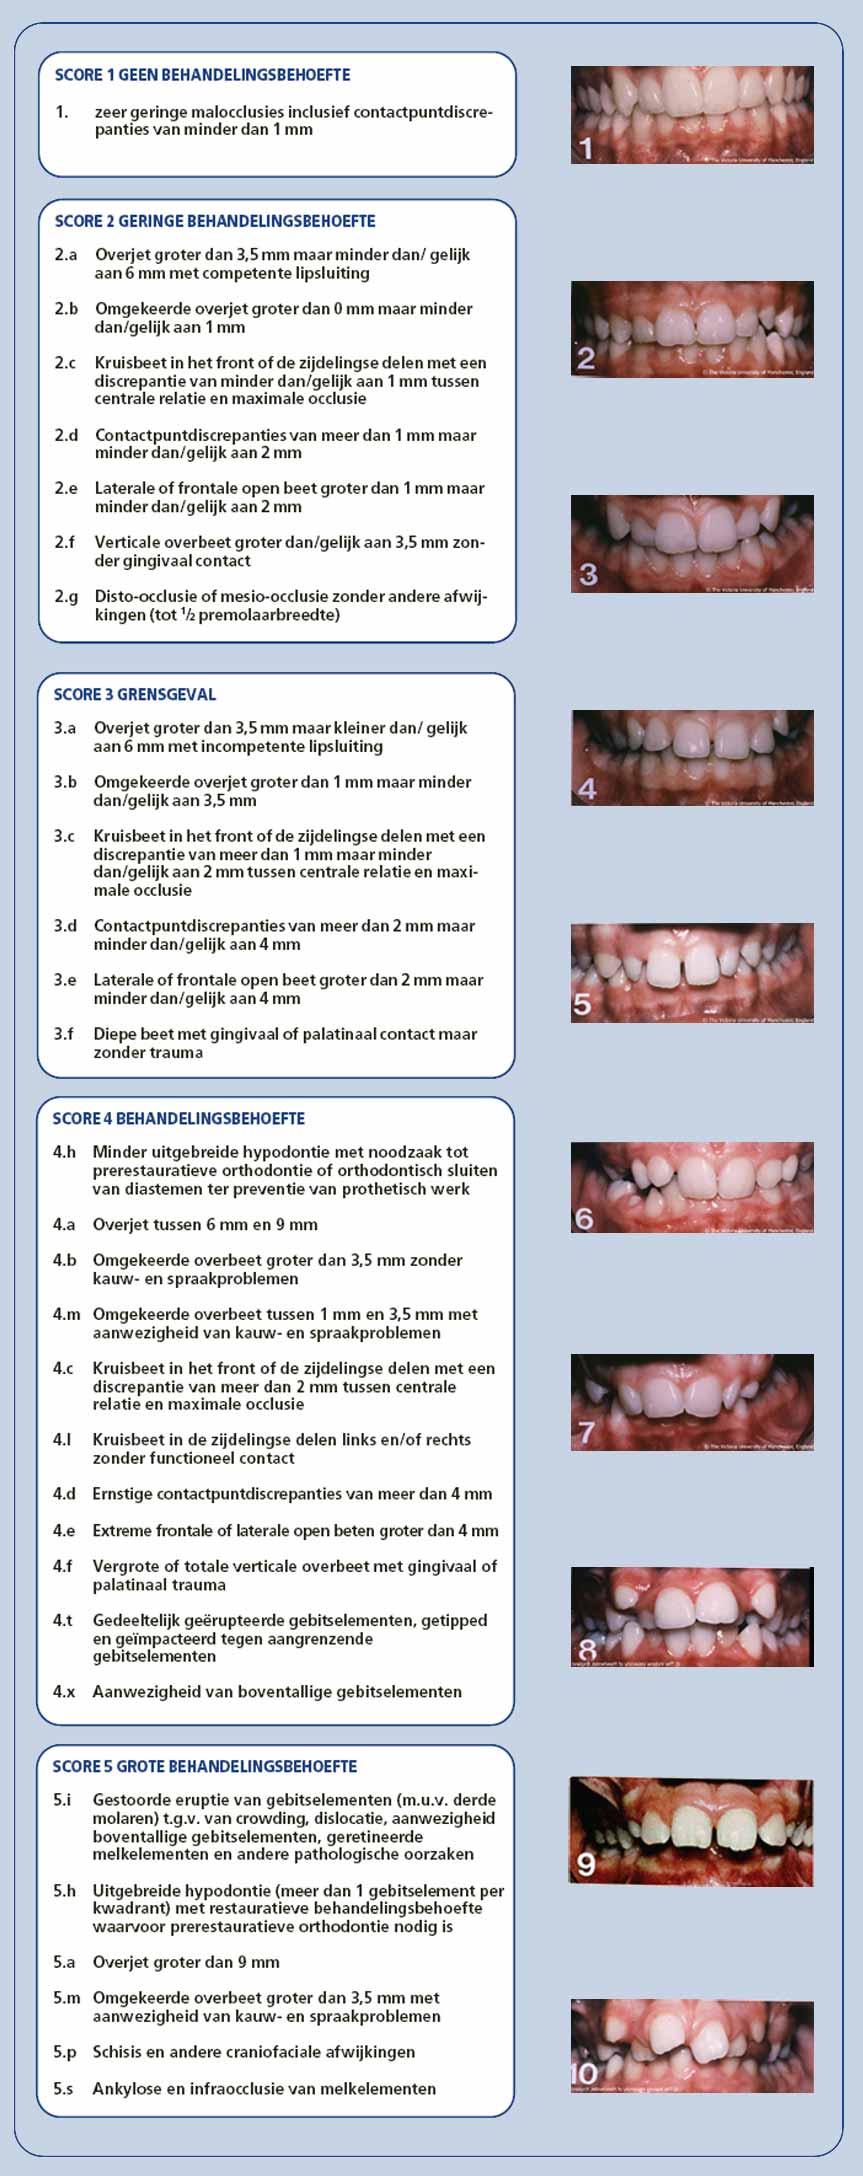 IOTN score orthodontie